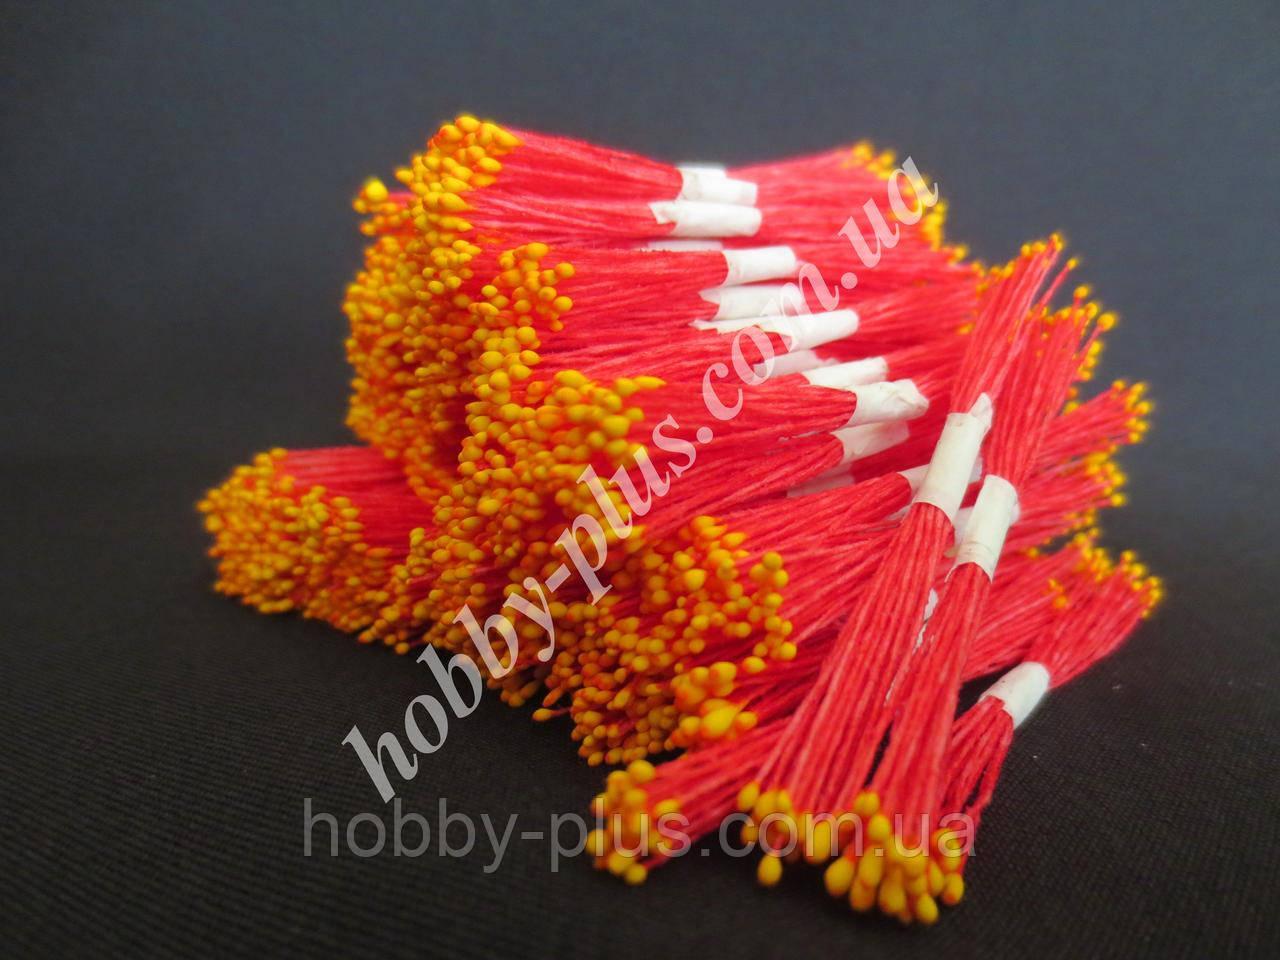 Тайские тычинки, ЖЕЛТЫЕ, мелкие на красной нити, 23-25 нитей, 50 головок